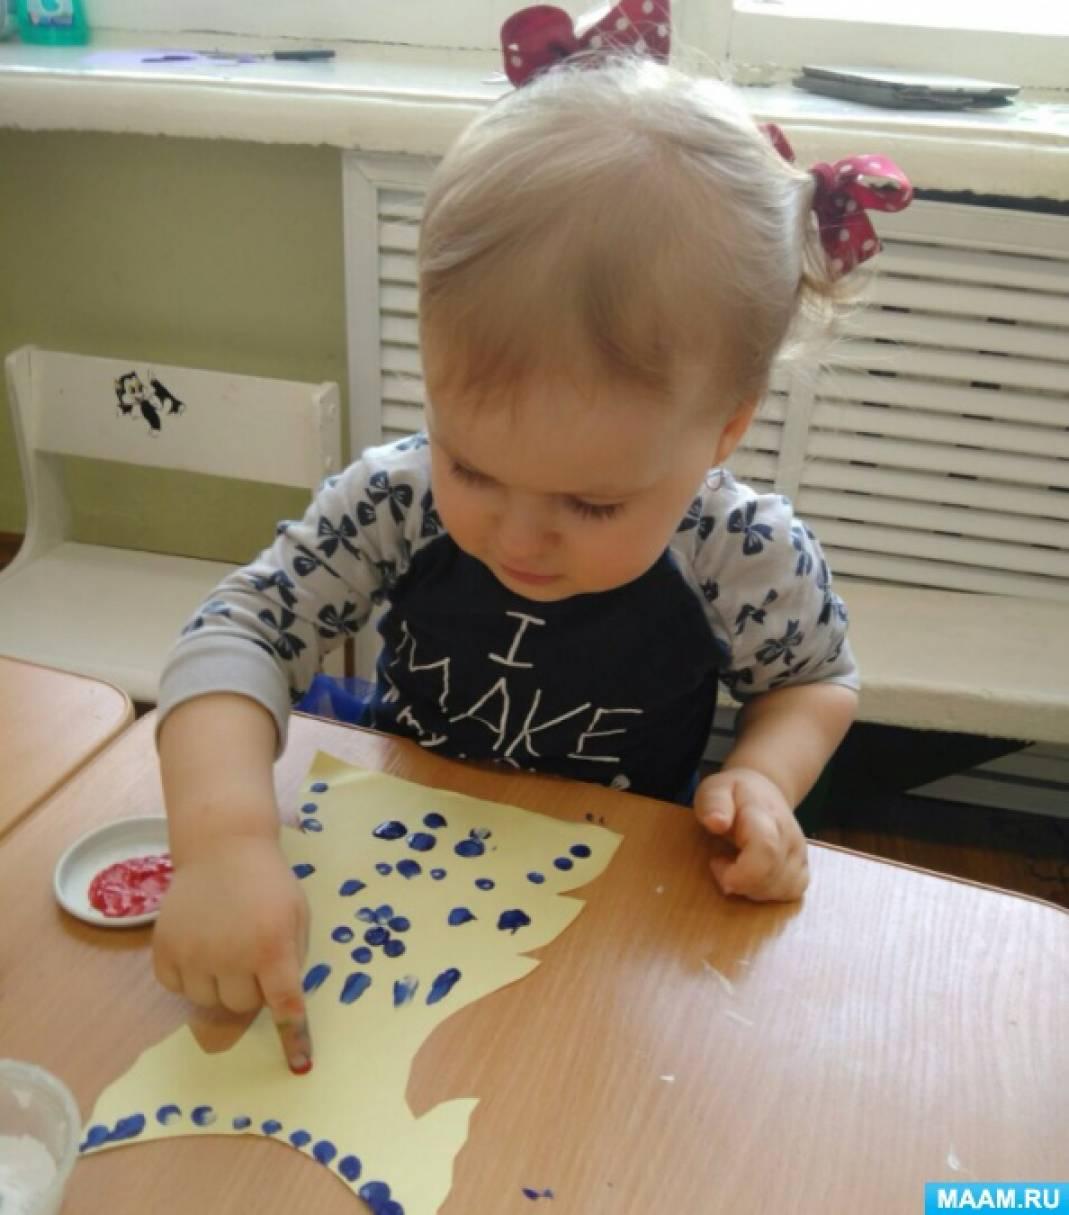 Фотоотчет «Новое платье для мамочки! Пальчиковое рисование»